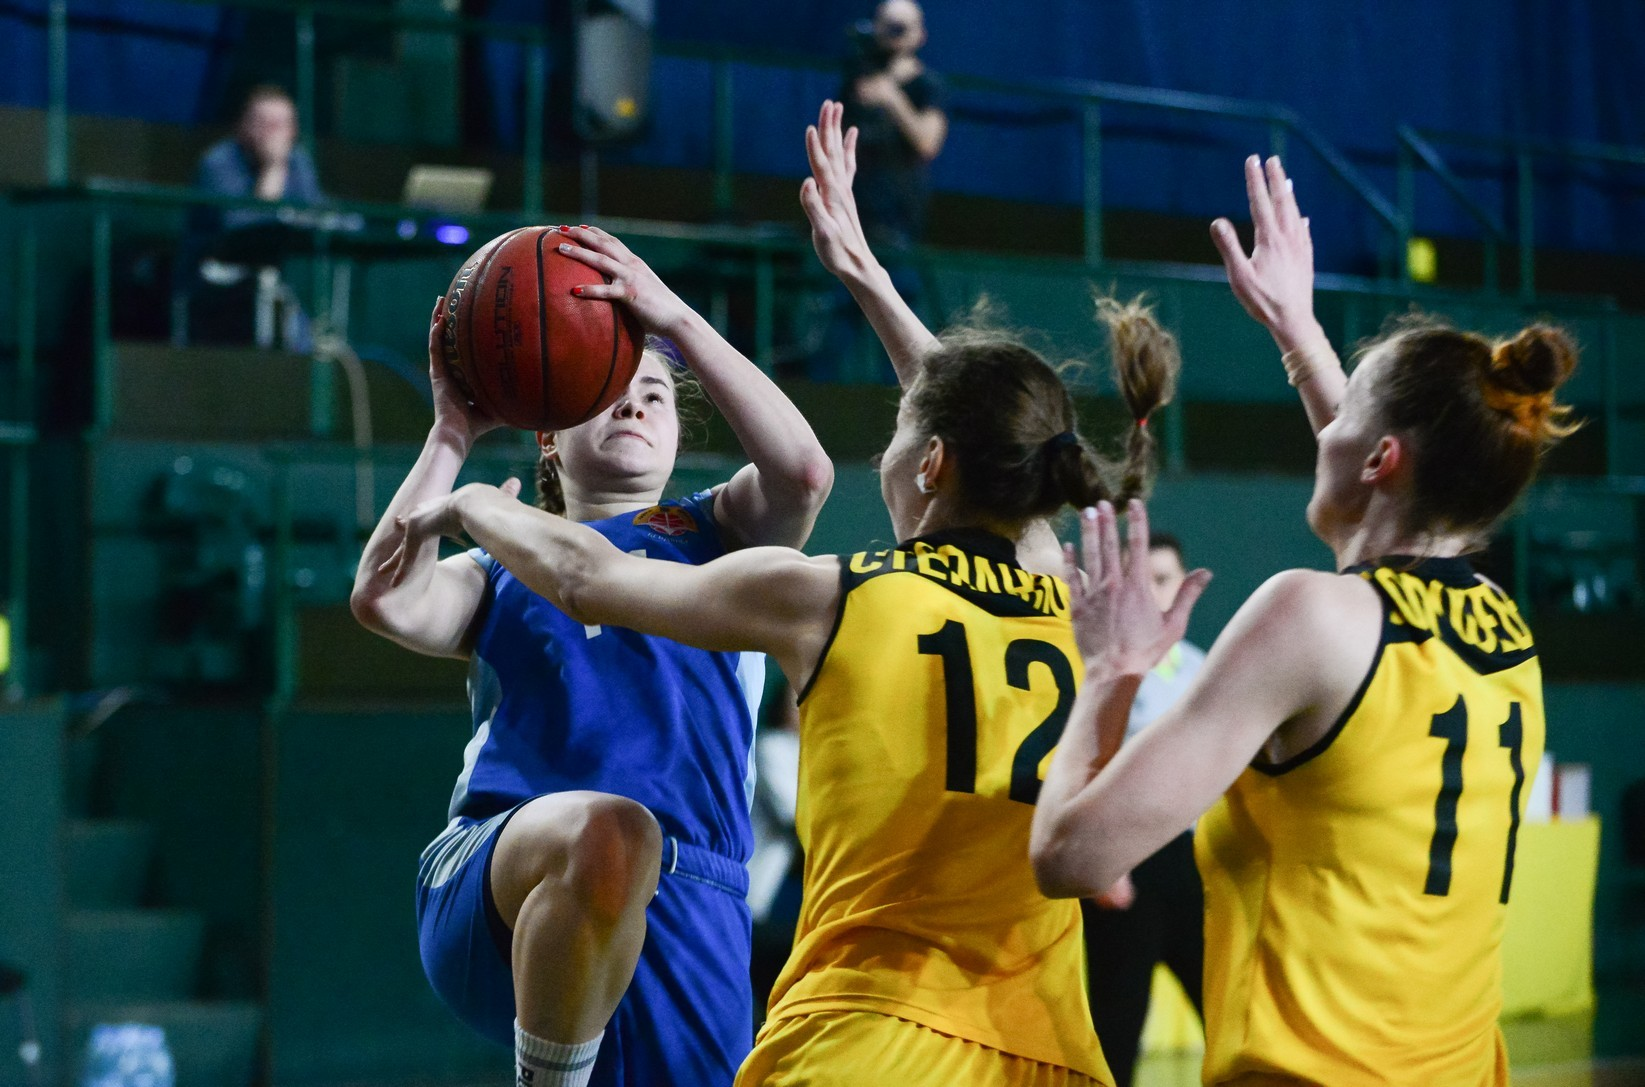 Київ-Баскет поширив переможну серію на плей-оф: фотогалерея